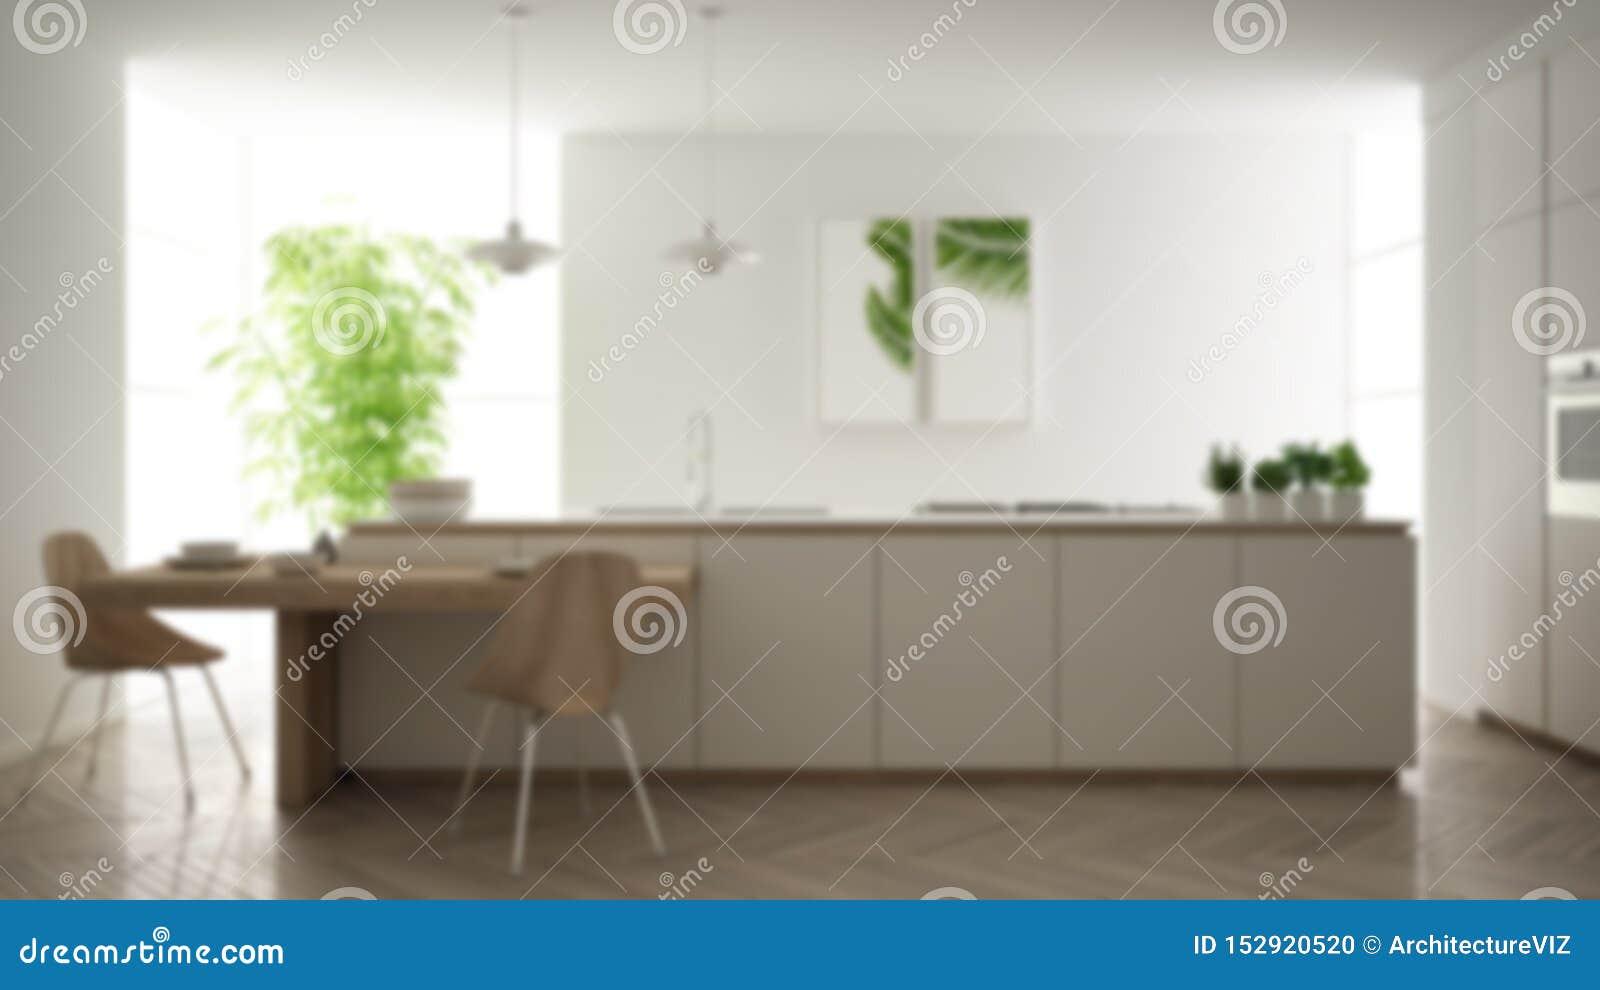 Blur Background Interior Design, Modern Clean Contemporary ...